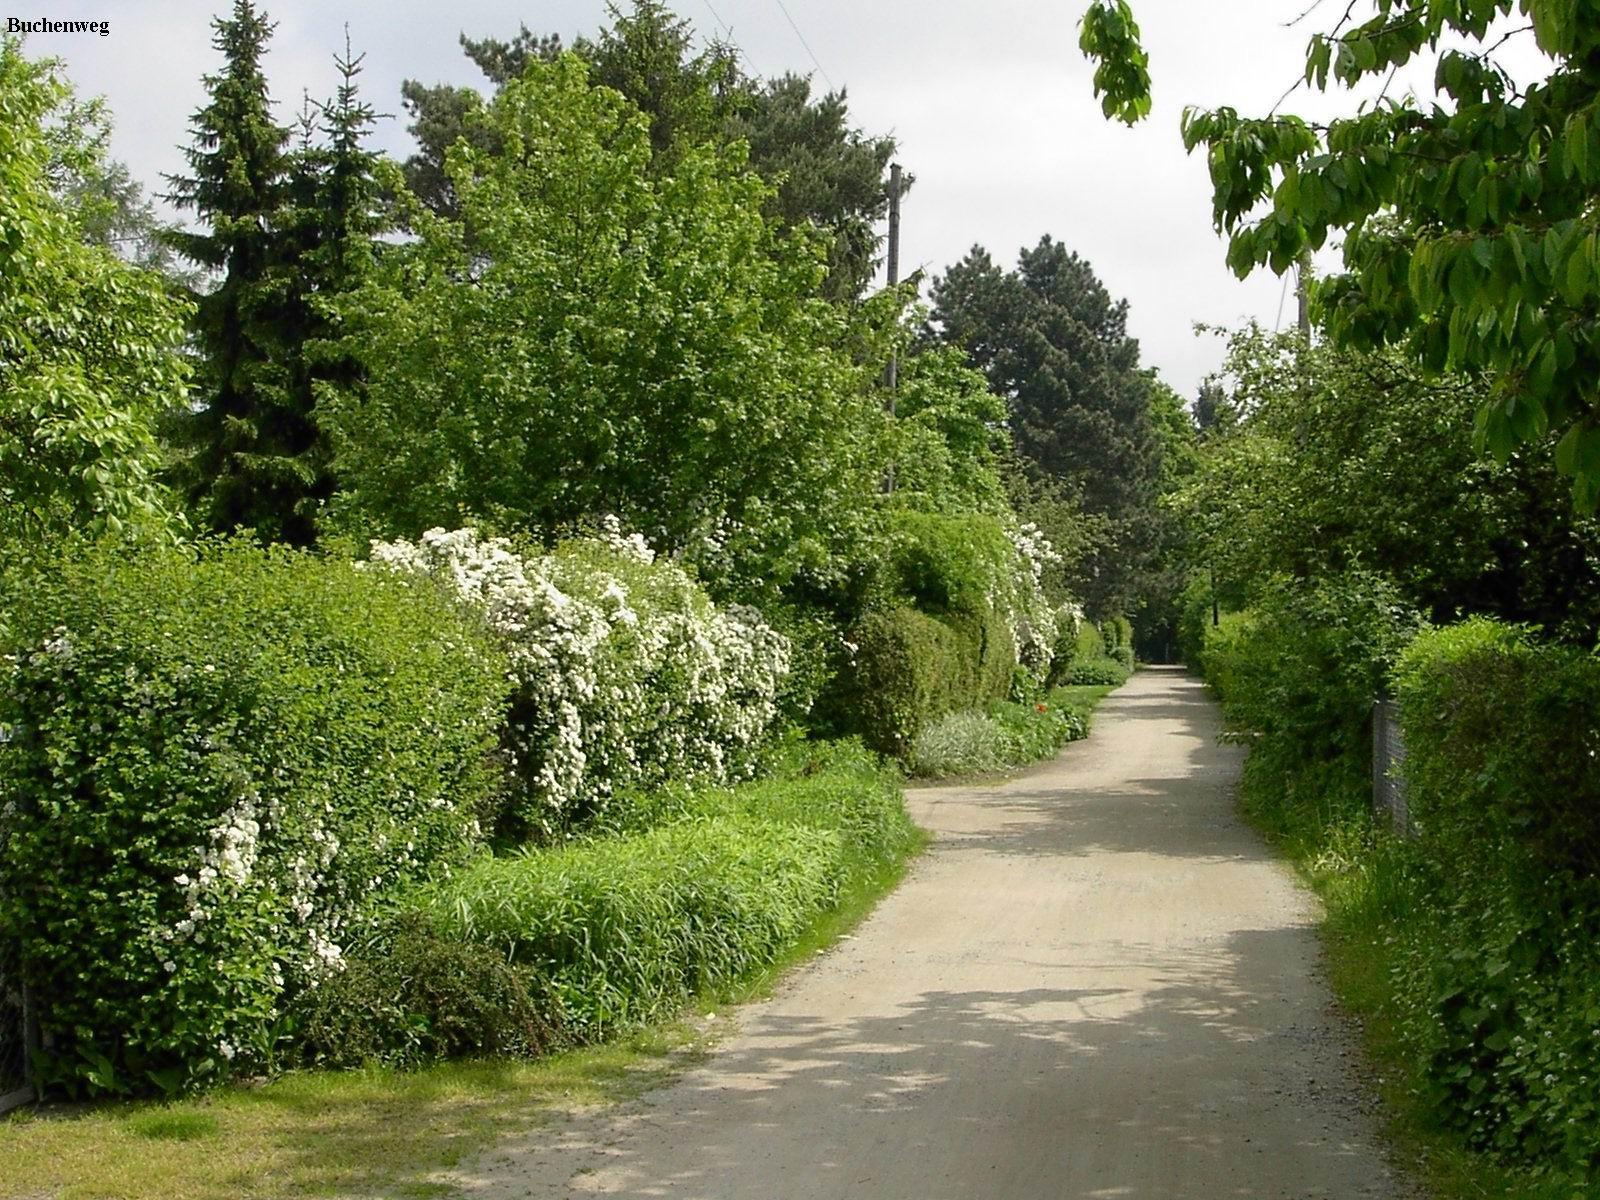 Buchenweg aus der Altanlage in Richtung Geteteich Mai 2011